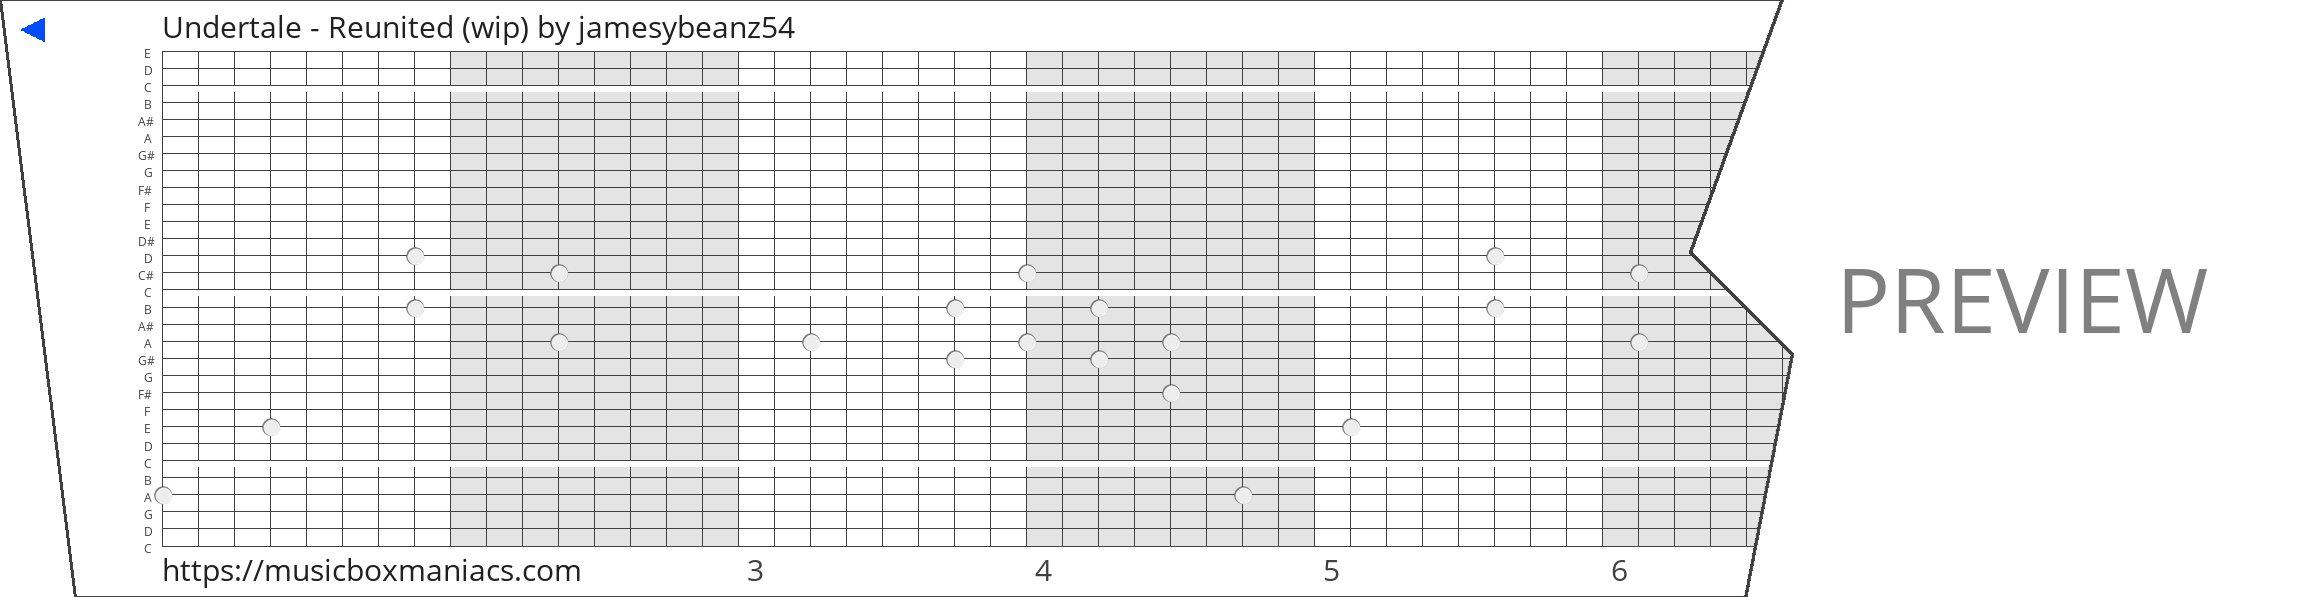 Undertale - Reunited (wip) 30 note music box paper strip